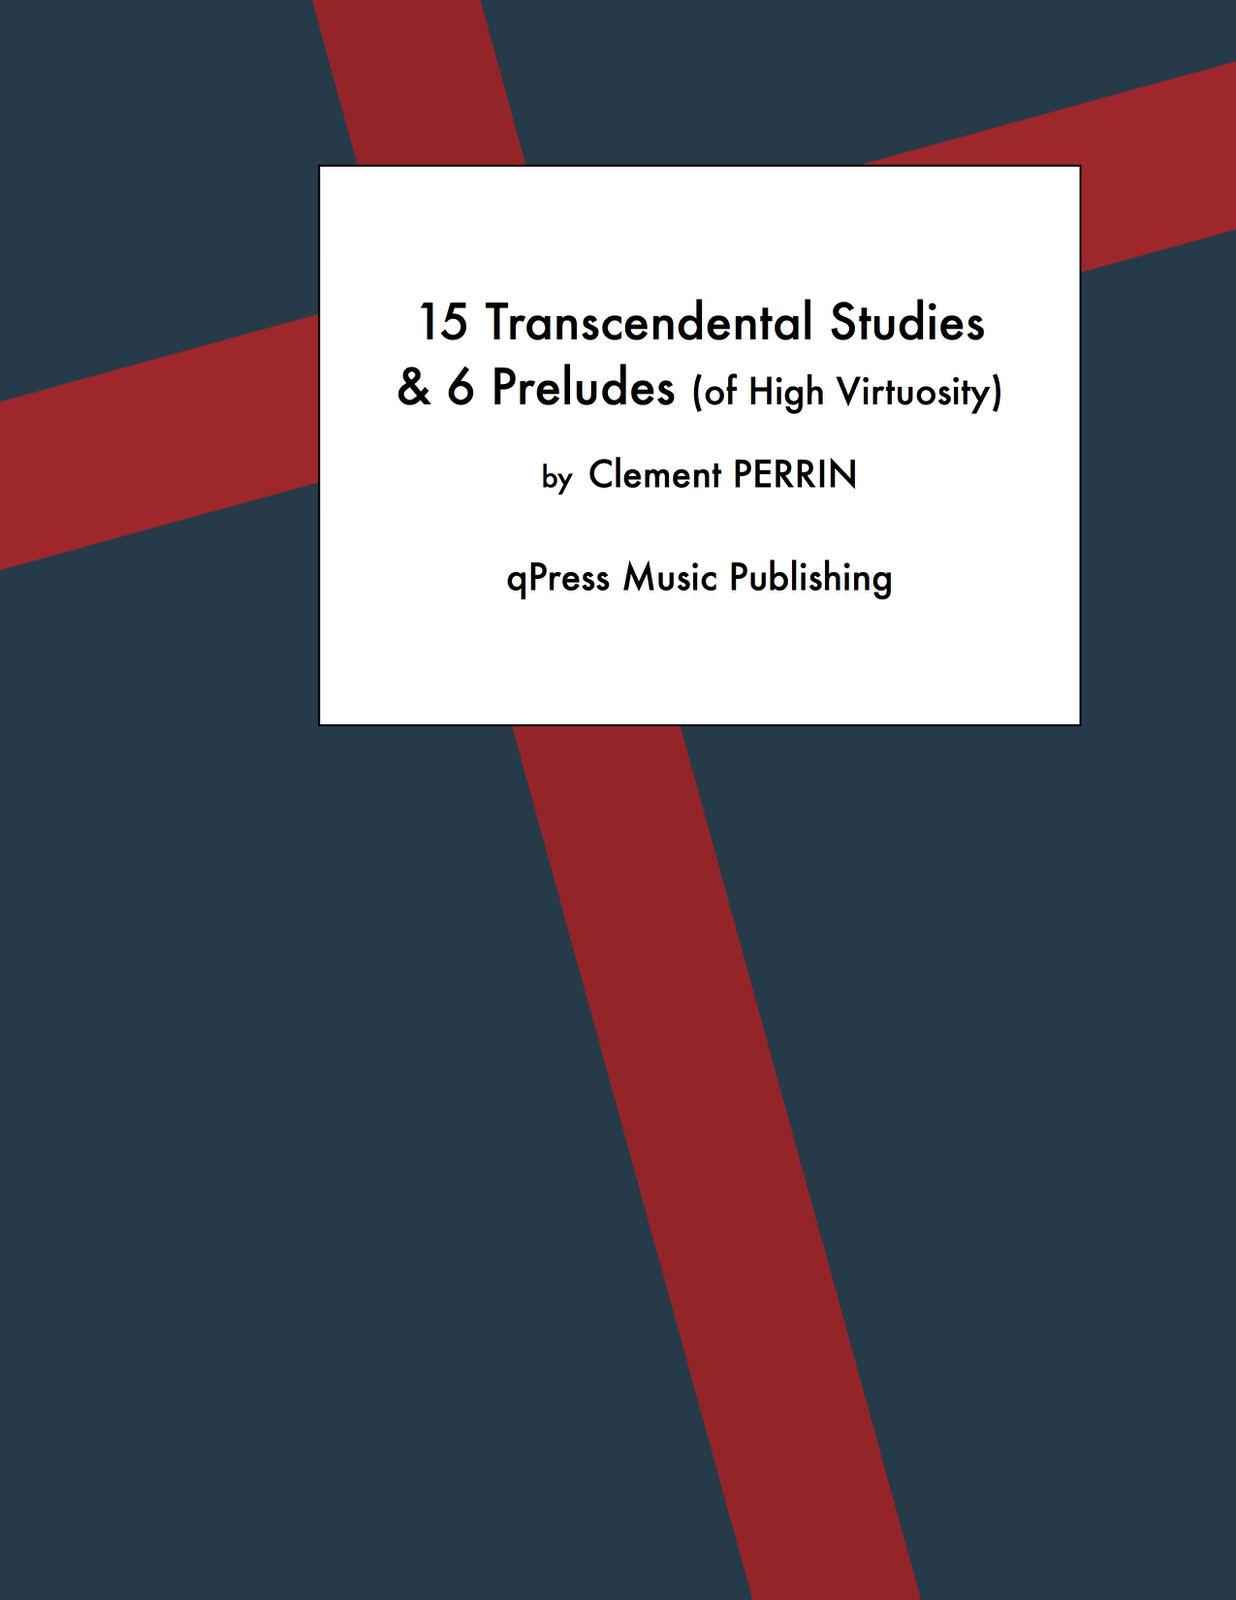 Perrin, 15 Transcendental Studies & 6 Preludes of High Virtuosity